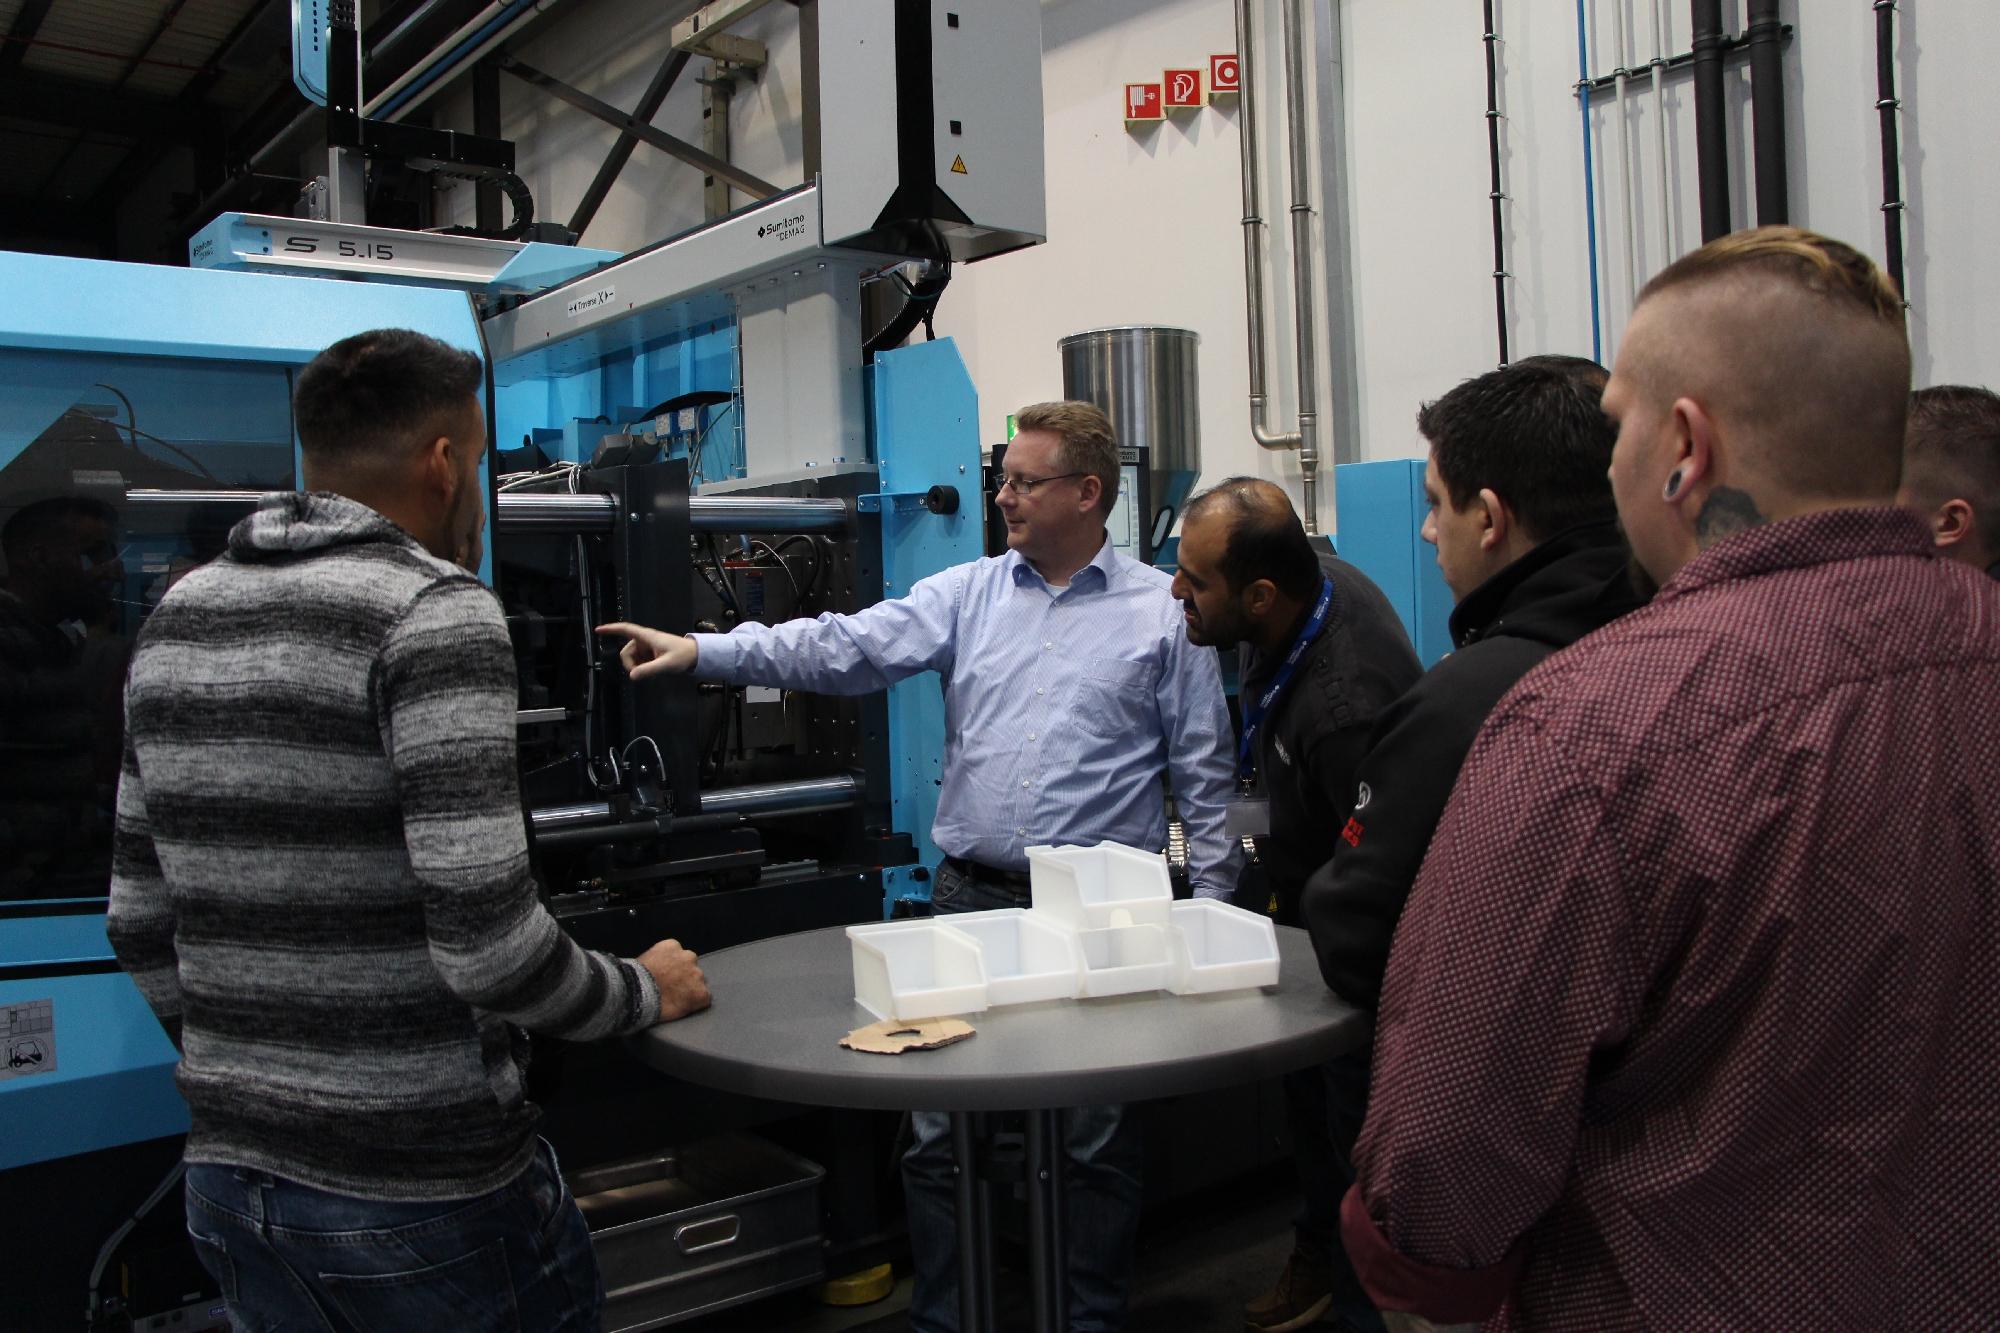 Geprüfte Fachkraft Spritzgieß-Produktion: Seminar Maschinentechnik bei der Fa. Sumitomo (SHI) Demag Plastics Machinery GmbH in Schwaig, Dezember 2017